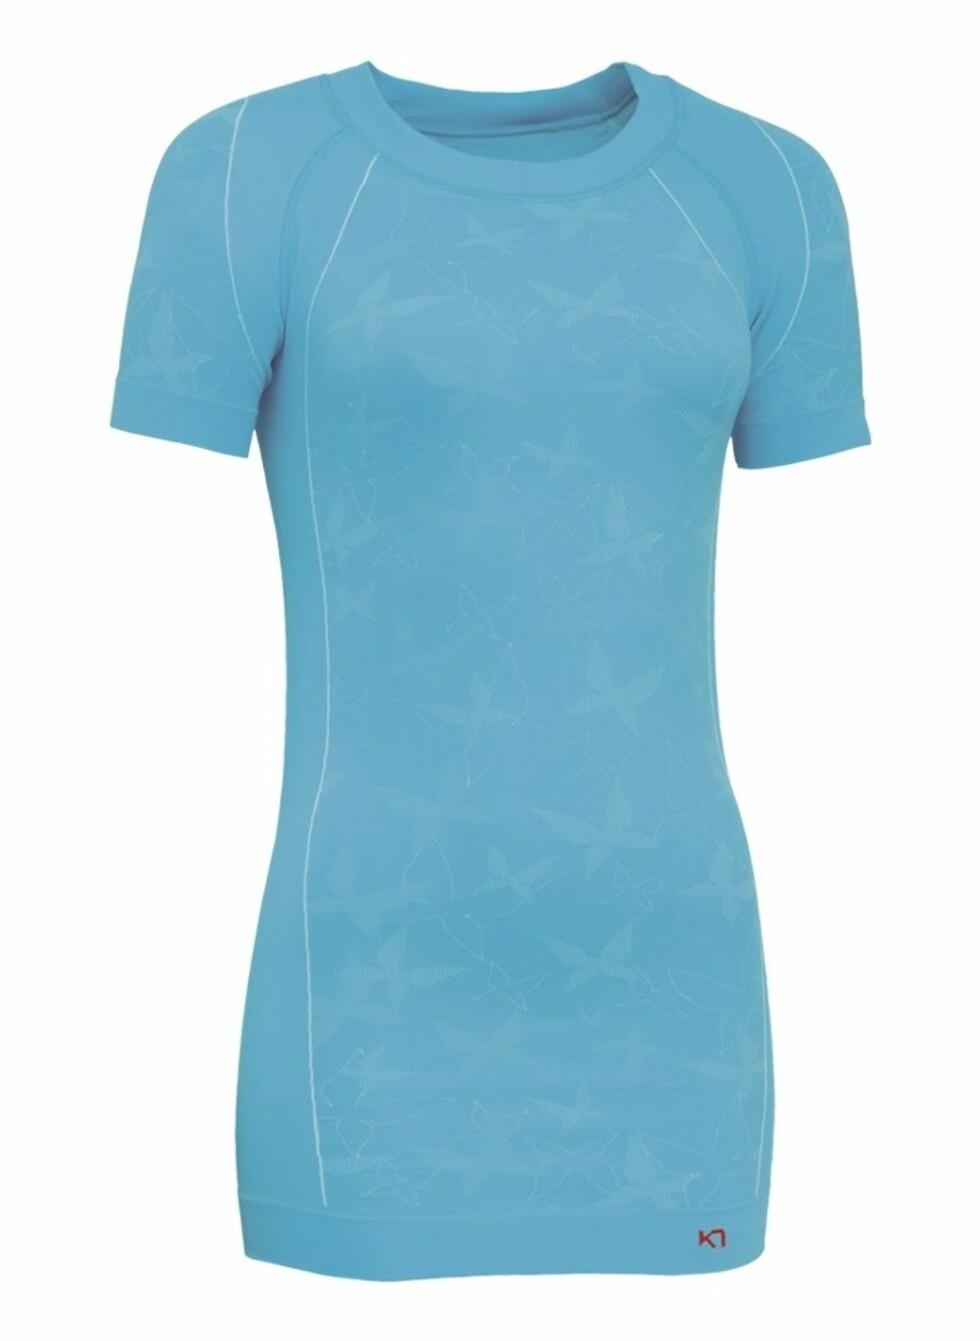 Kari Traa Butterfly tee. En sporty og lekker treningstskjorte med svettetransporterende effekt. 249 kroner fra xxl.no.  Foto: Produsenten